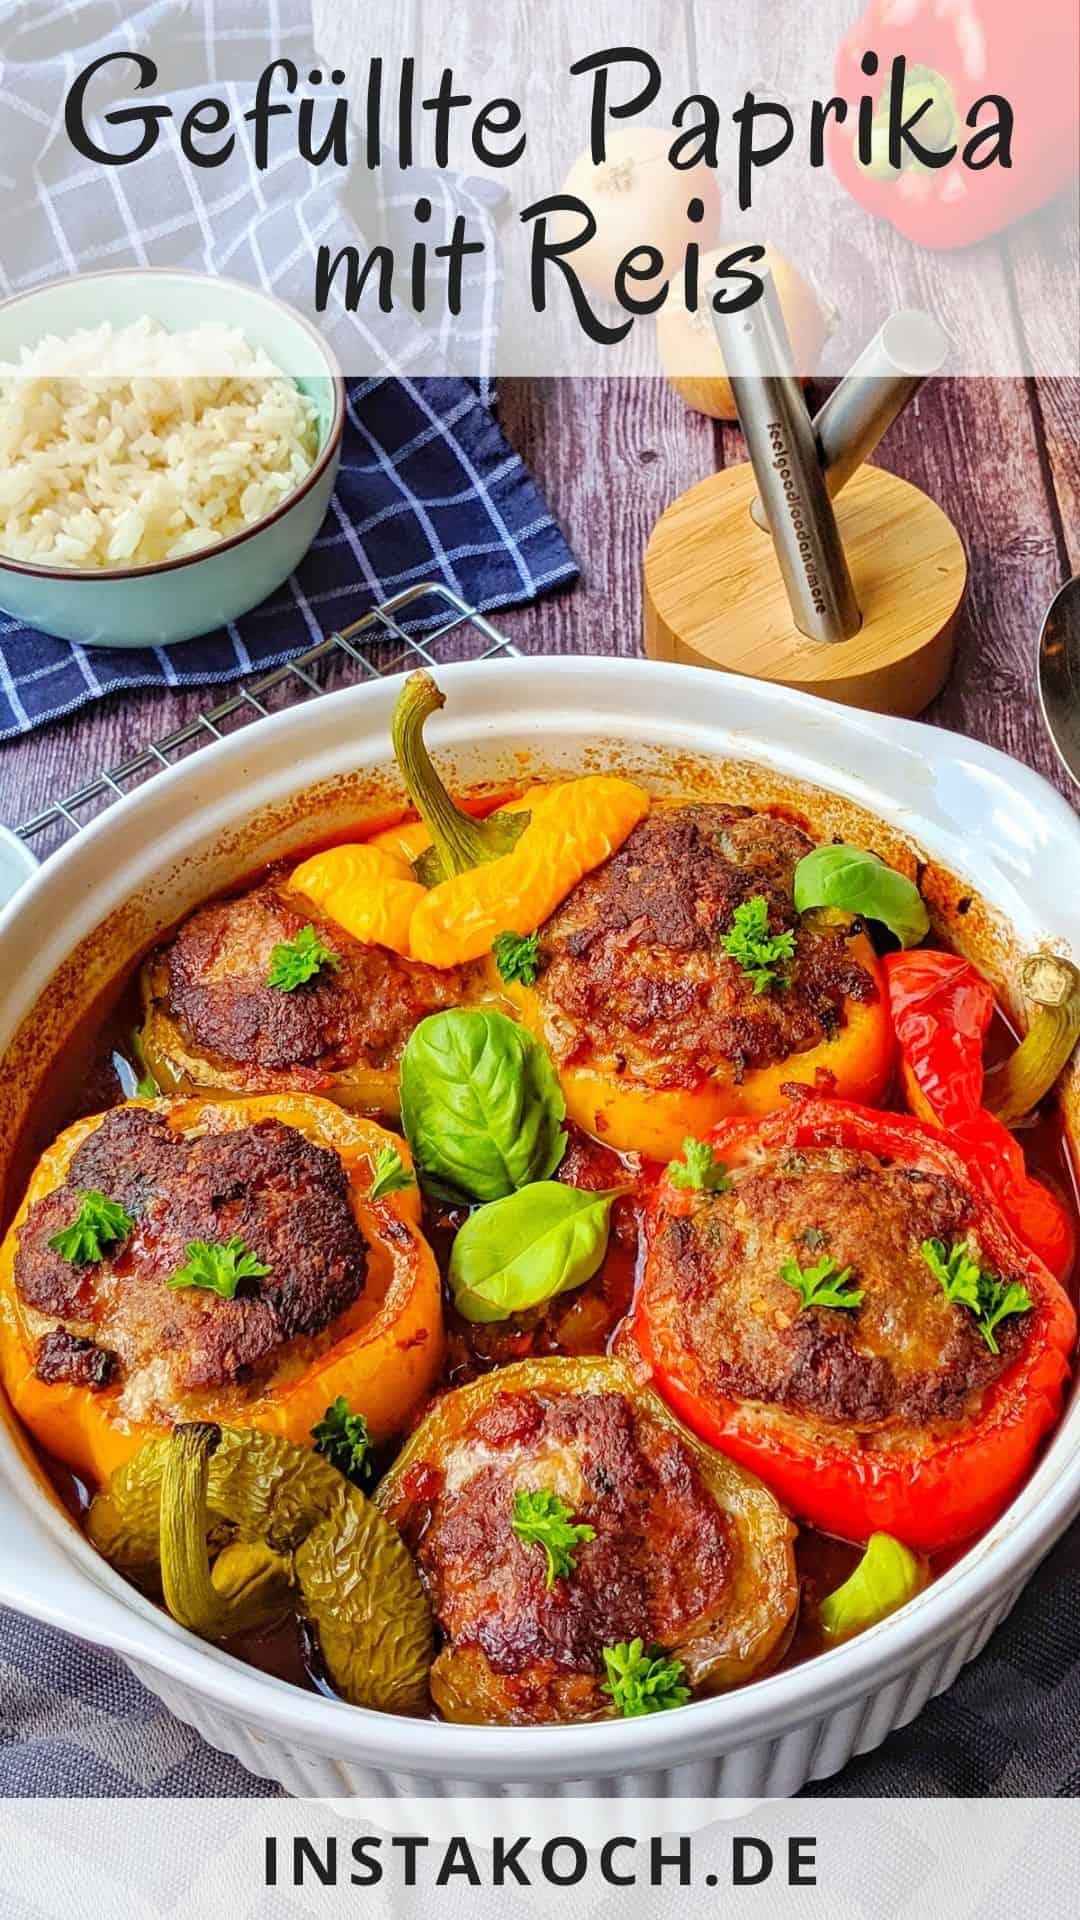 Eine runde Auflaufform mit gefüllten Paprika, im Hintergrund Reis und Deko.